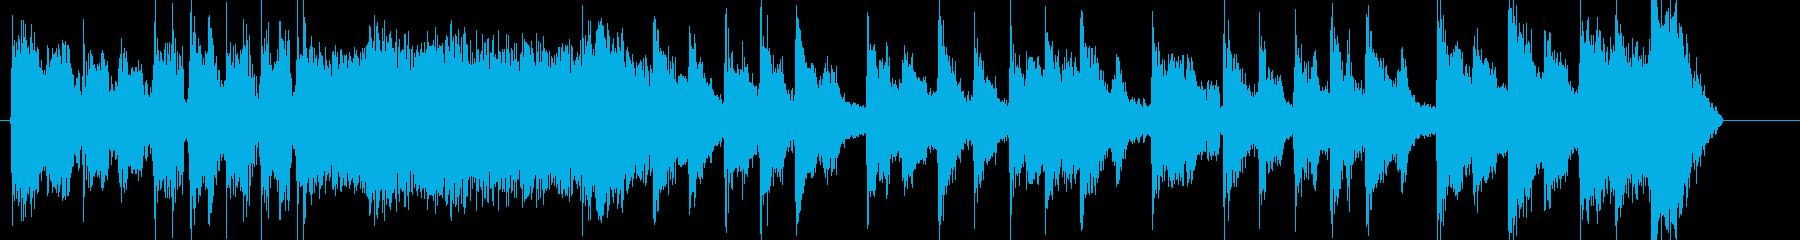 短いのん、コミカルなテクノなんの再生済みの波形